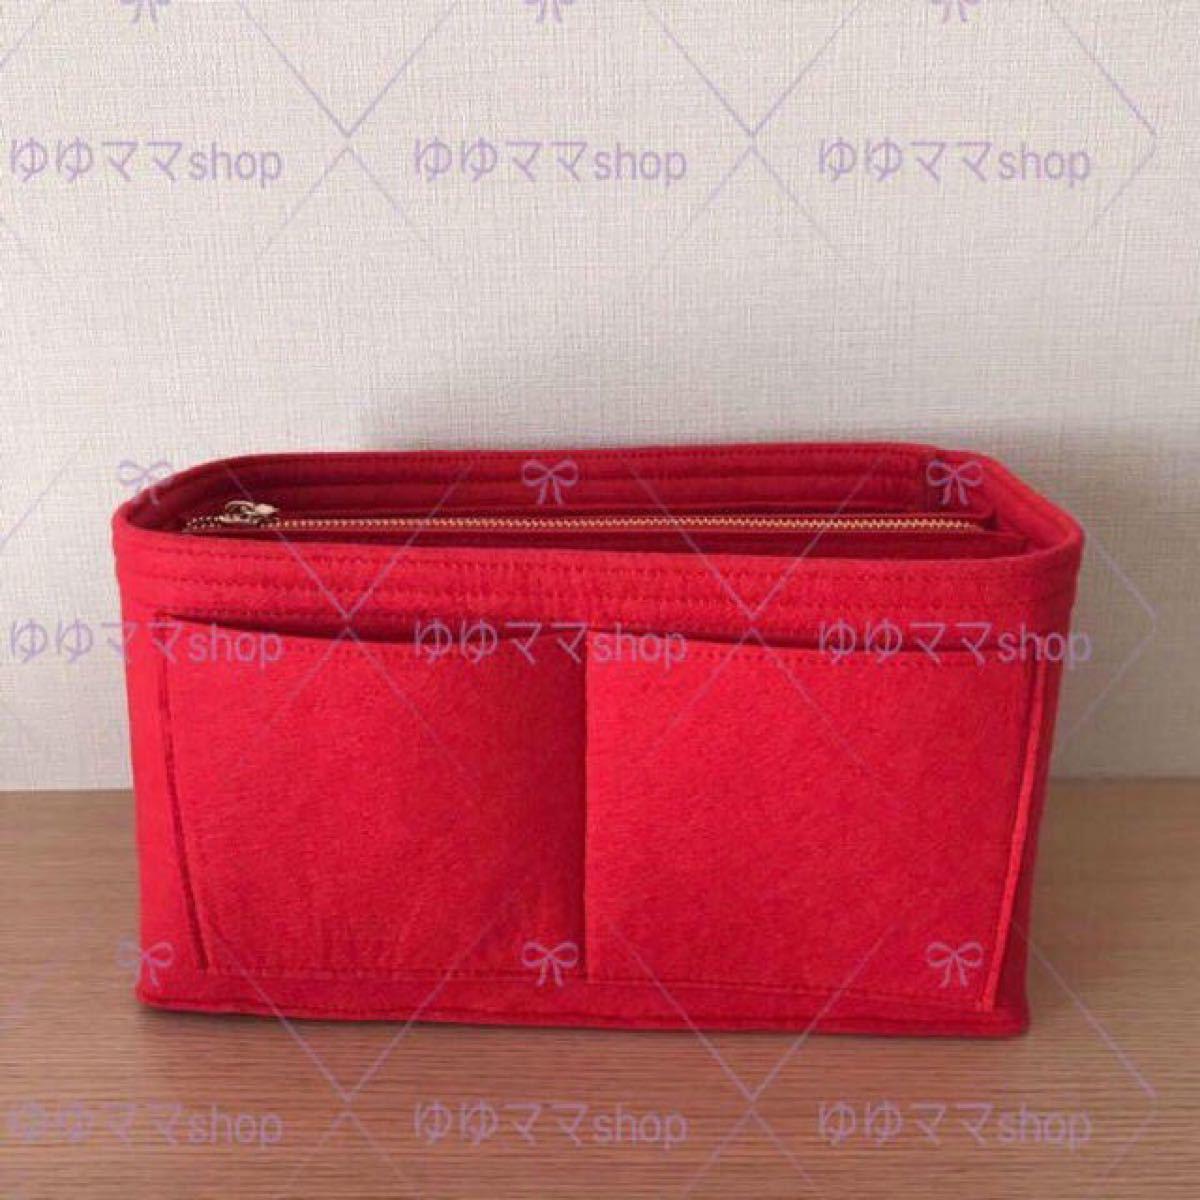 新品バッグインバッグ インナーバッグ / ヴィトン ネヴァーフル PM用 赤色